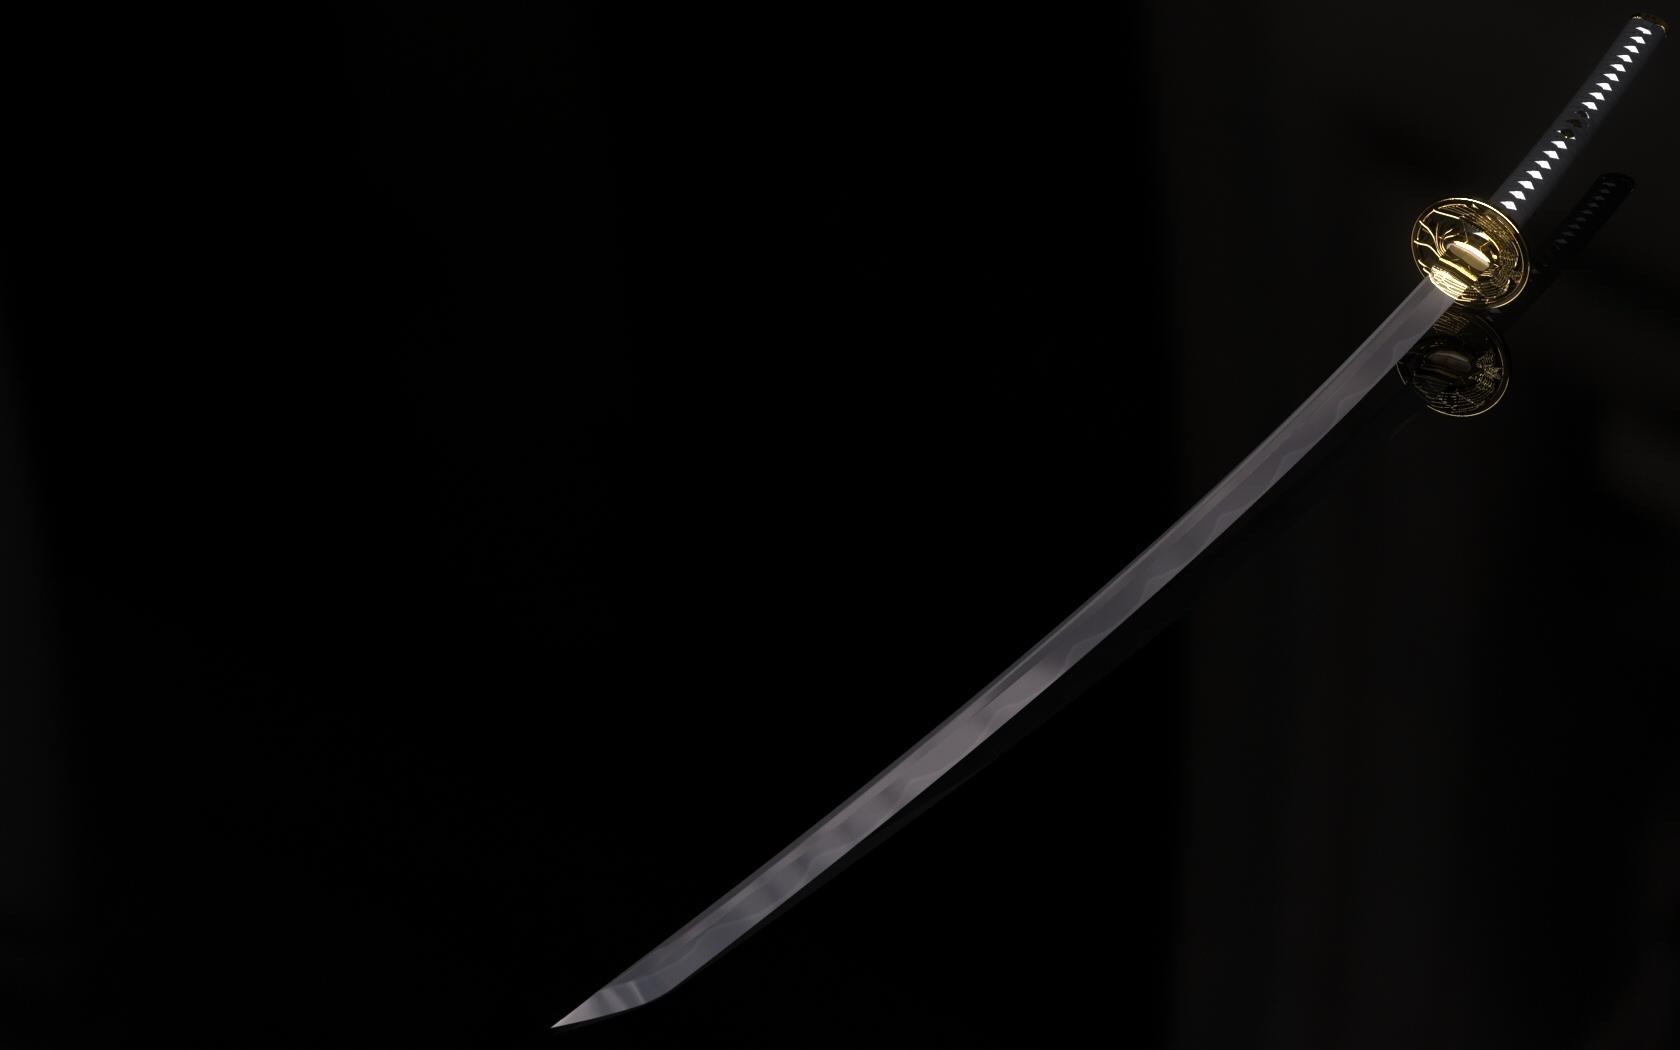 Katana Sword Wallpaper - WallpaperSafari